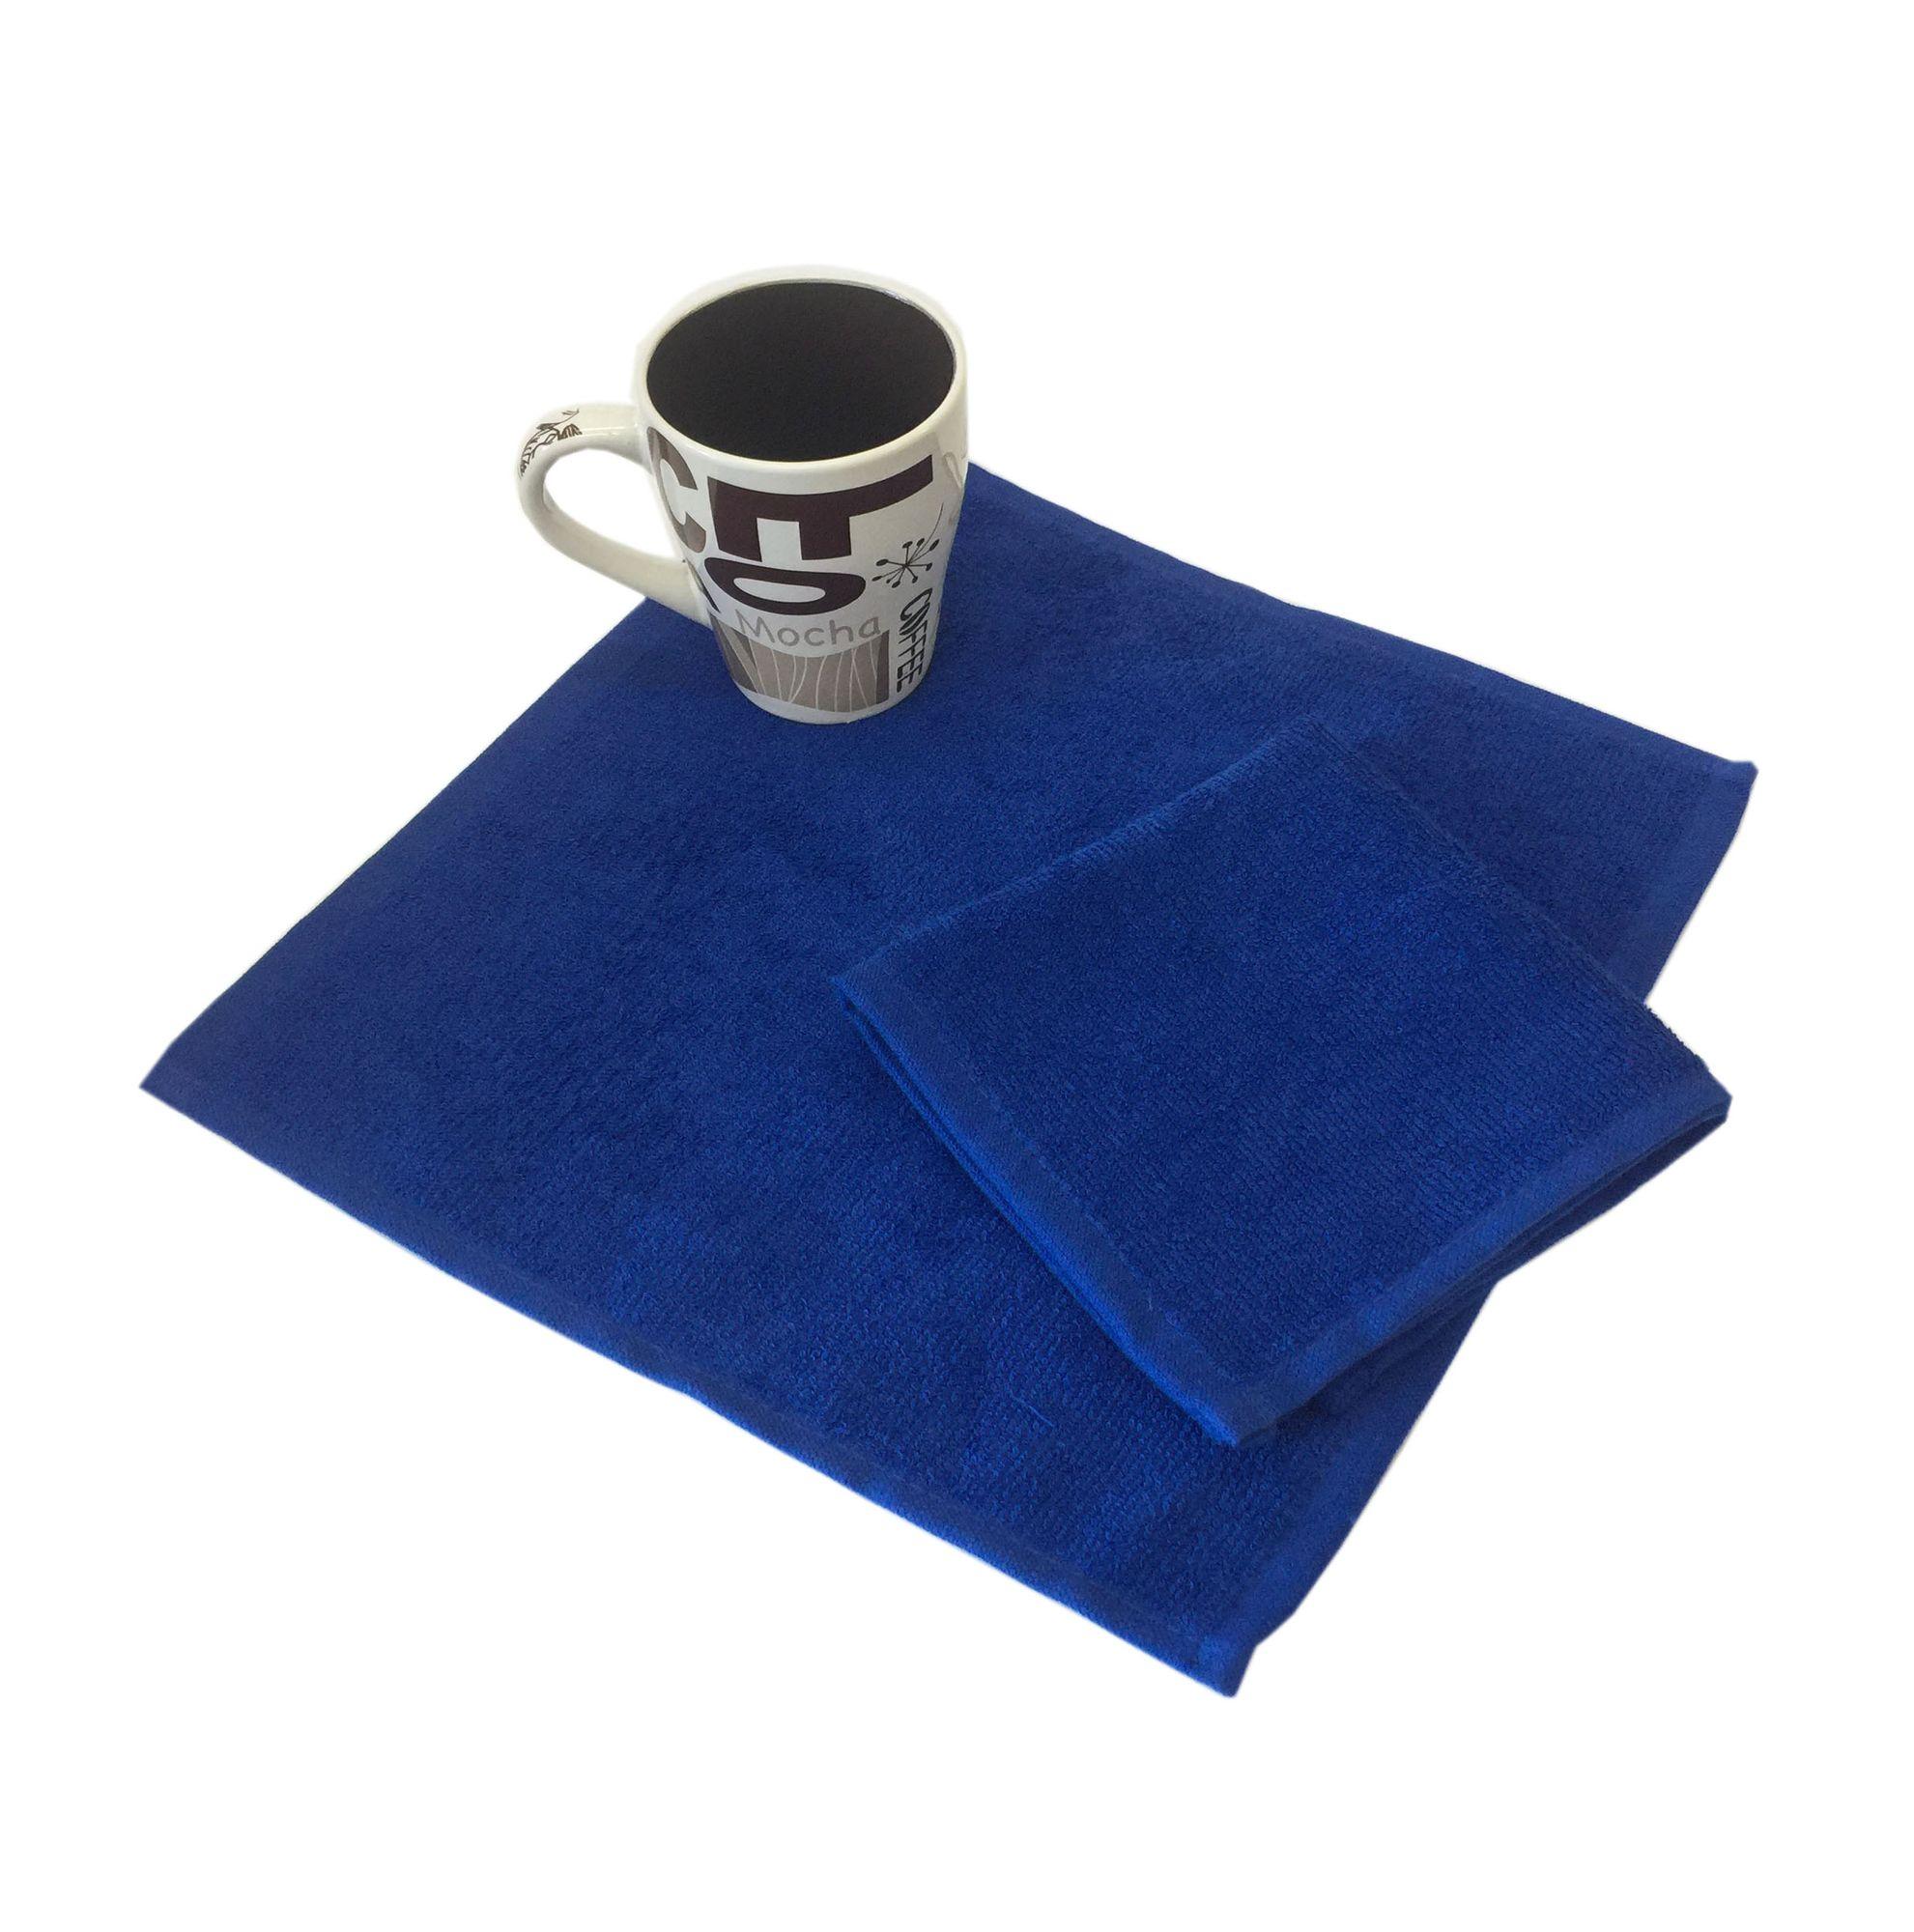 Салфетка махровая, 30*30см, 380 гр (Ярко-синий)